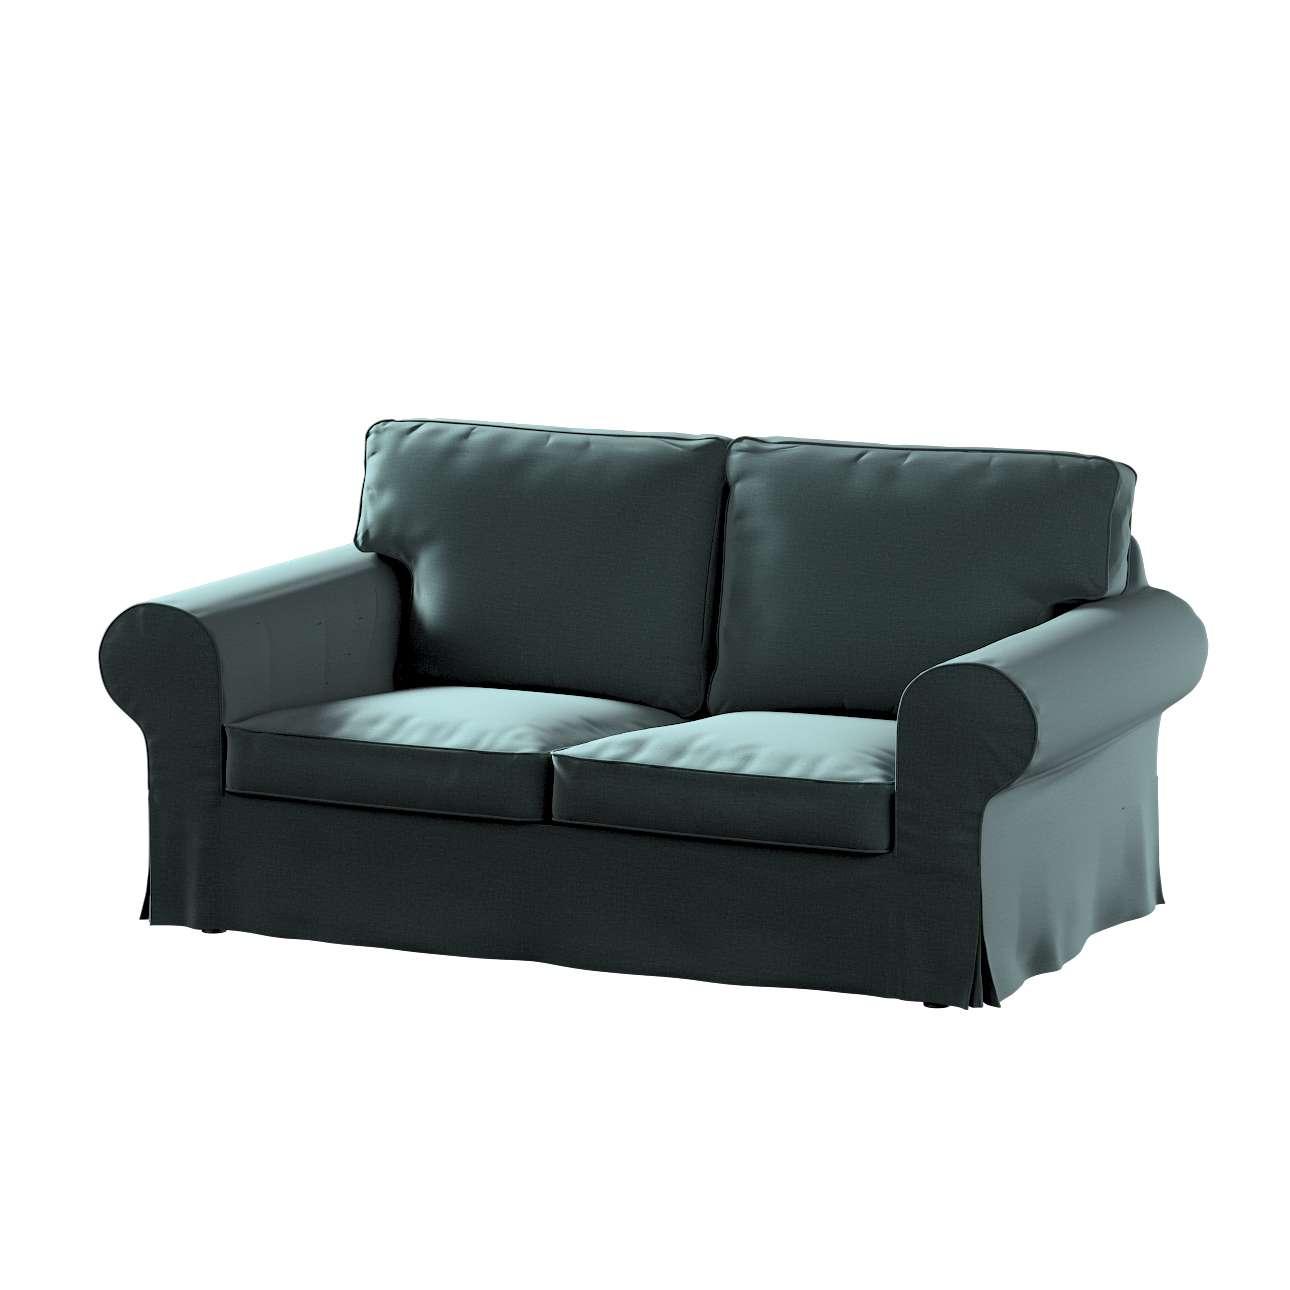 Pokrowiec na sofę Ektorp 2-osobową, nierozkładaną w kolekcji Ingrid, tkanina: 705-36